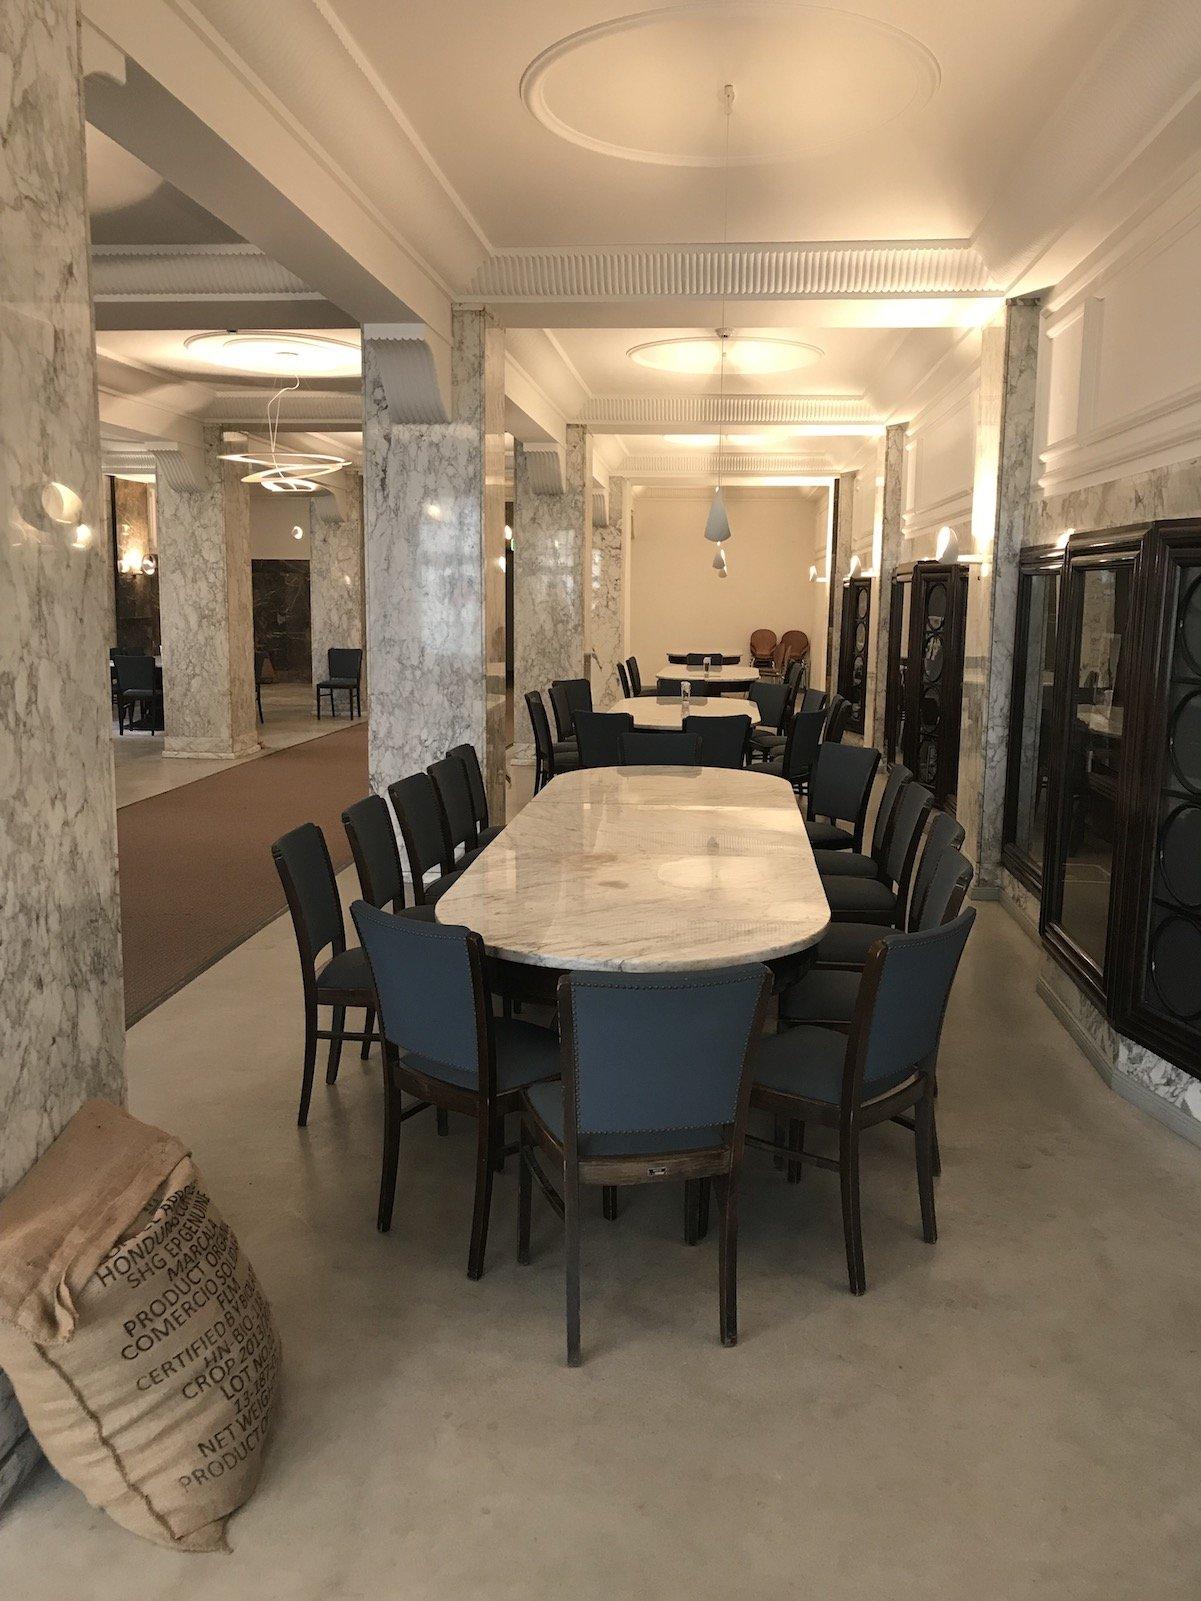 Der Saal für die Direktoren von Kaffee-HAG in der heutigen Lloyd Caffee Rösterei